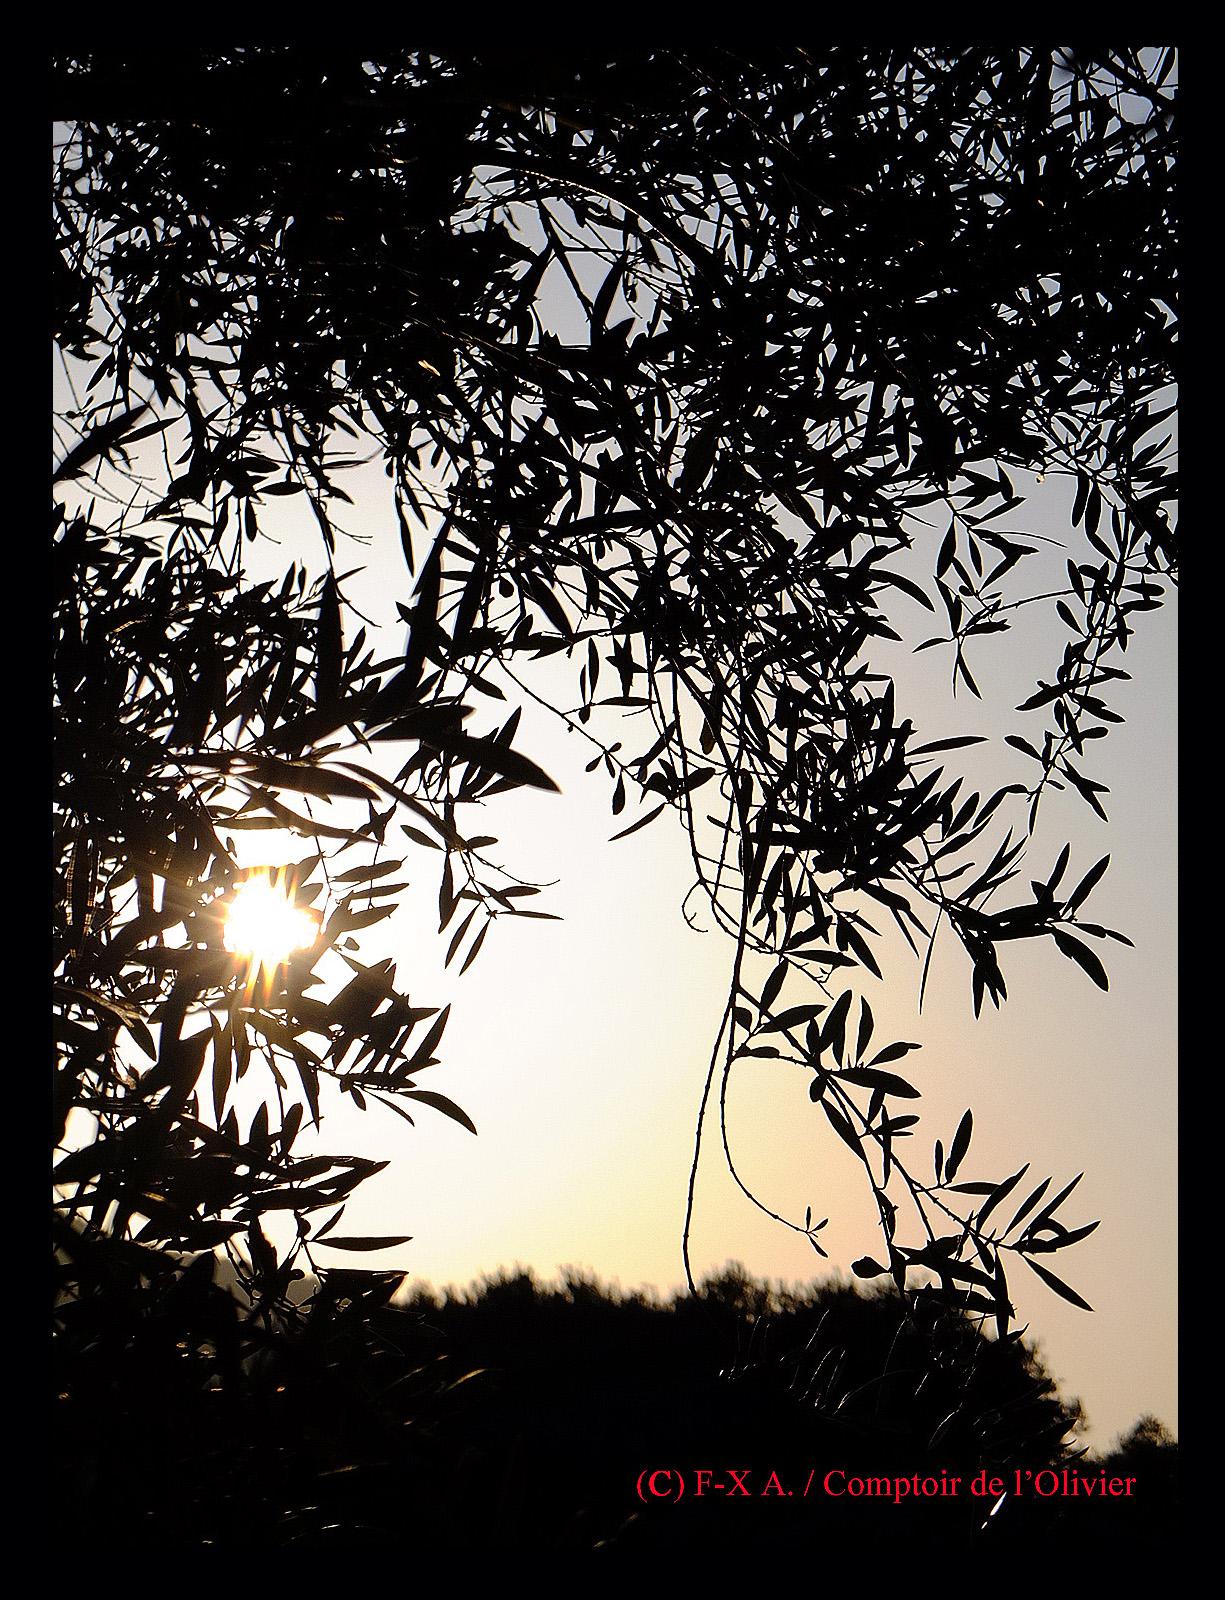 Le soleil finit de se coucher en contre-jour à travers les rameaux d'oliviers de l'oliveraie de Gémenos.